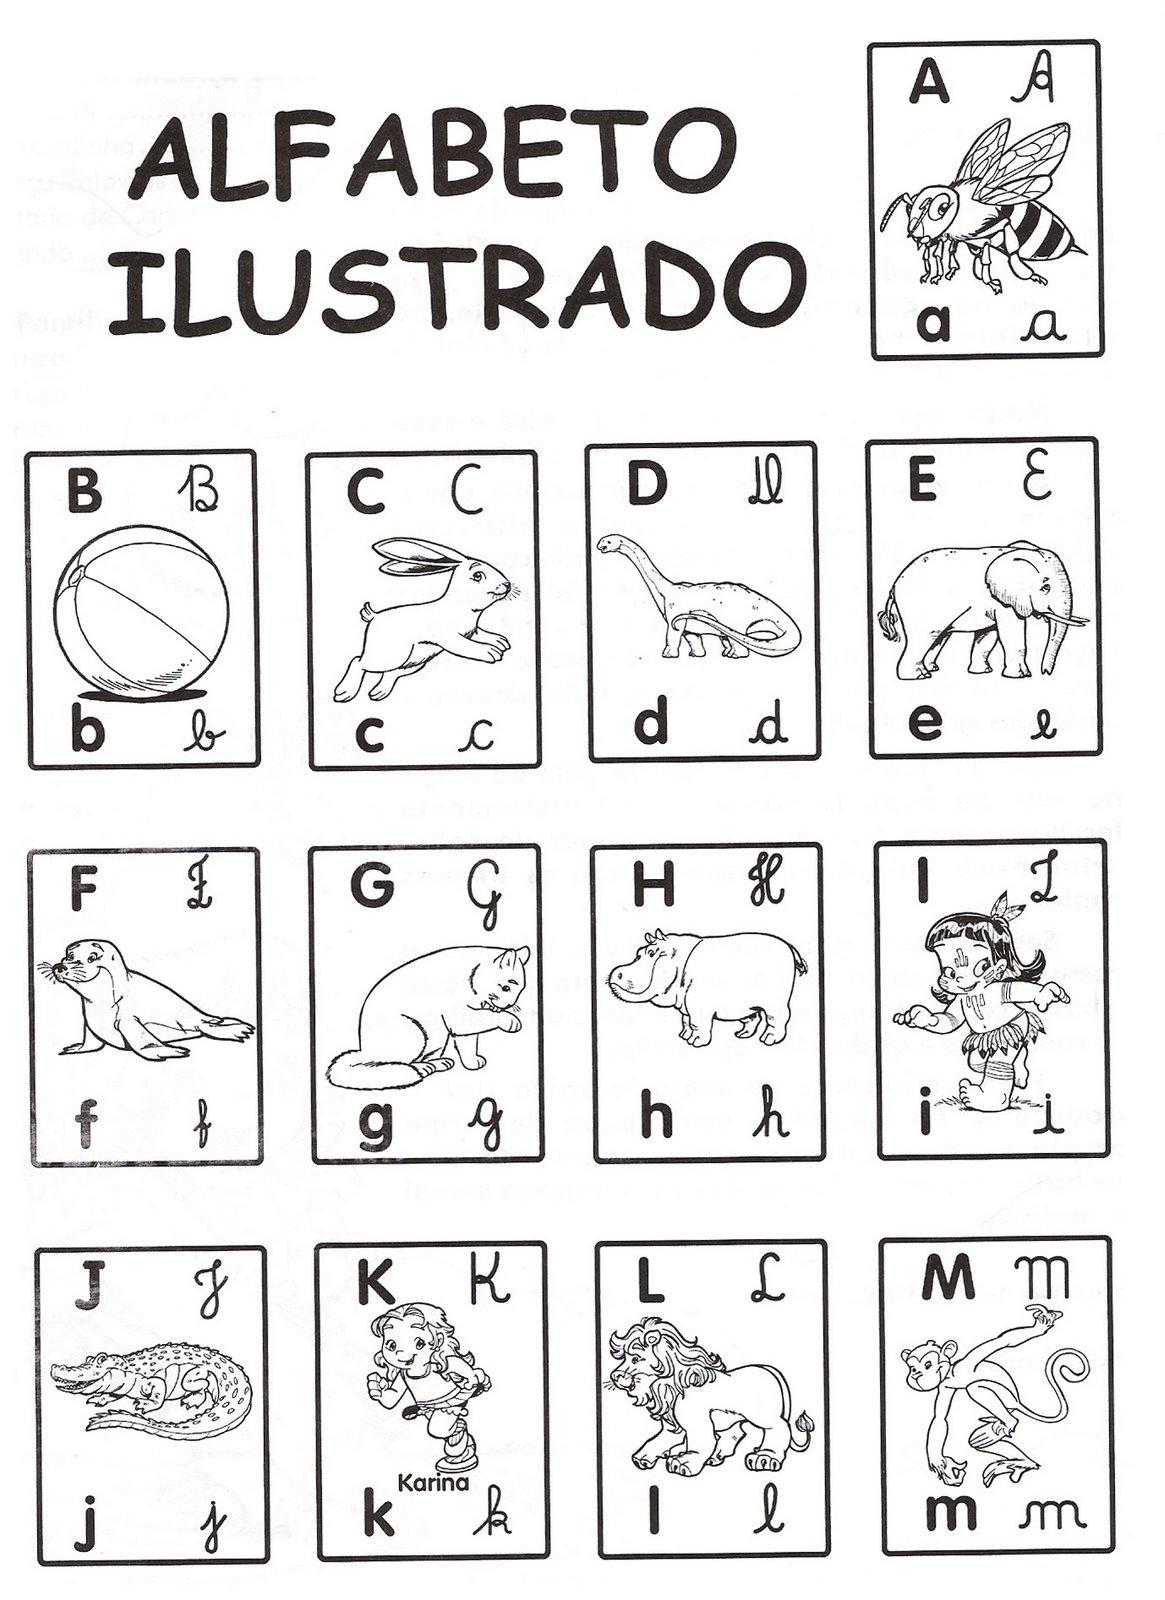 Cuentos para niños con la letra E - conmishijos.com